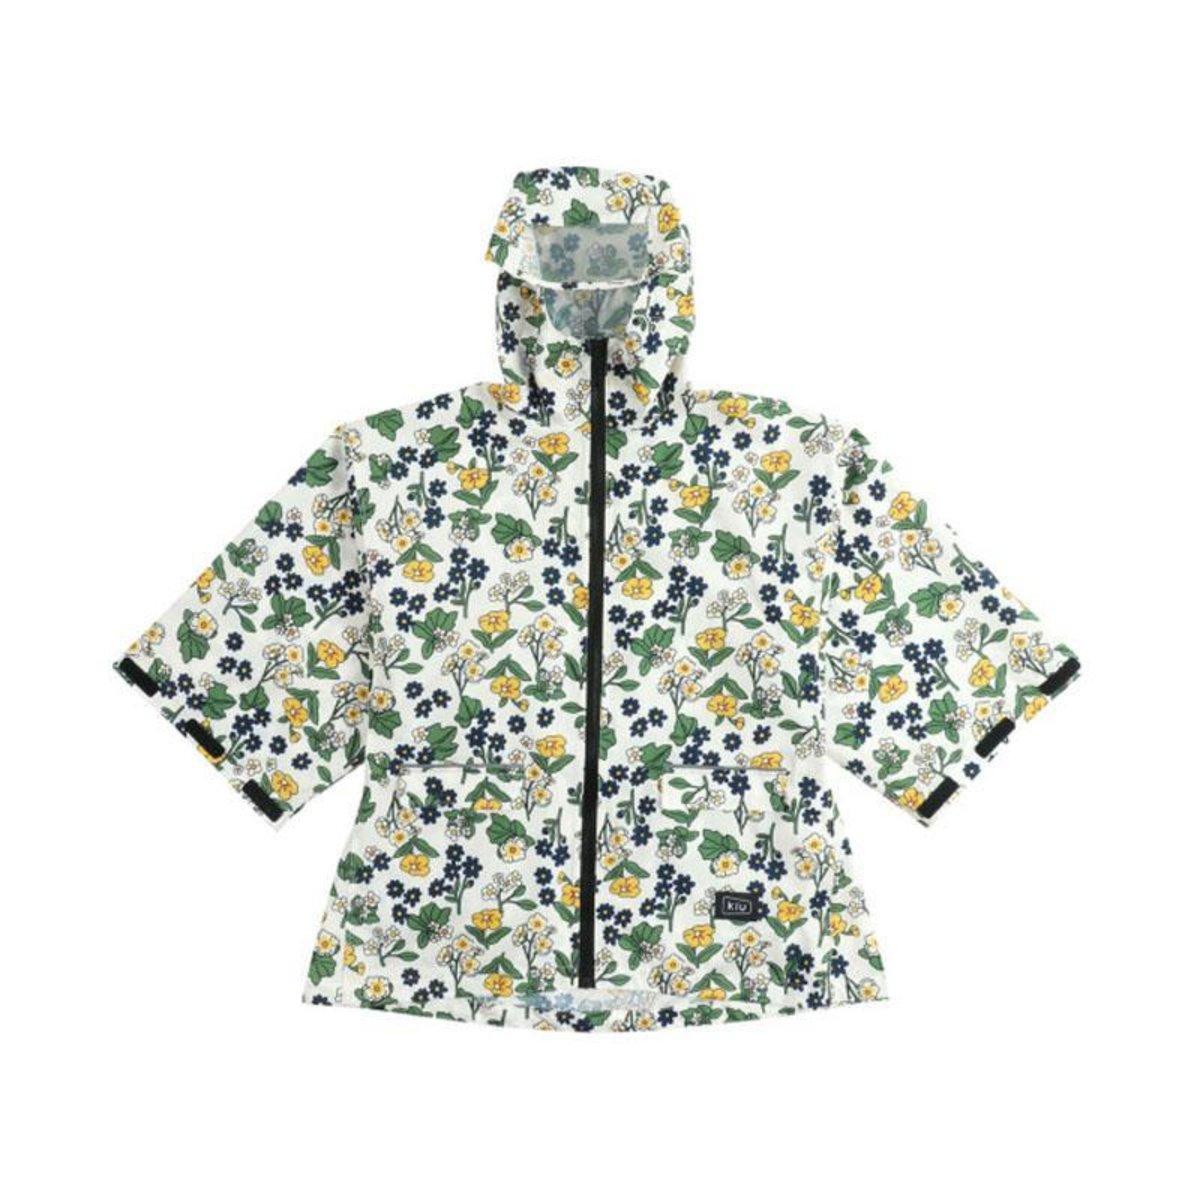 KiU 兒童雨衣 日本品牌 - 花朵 FLORA OFF